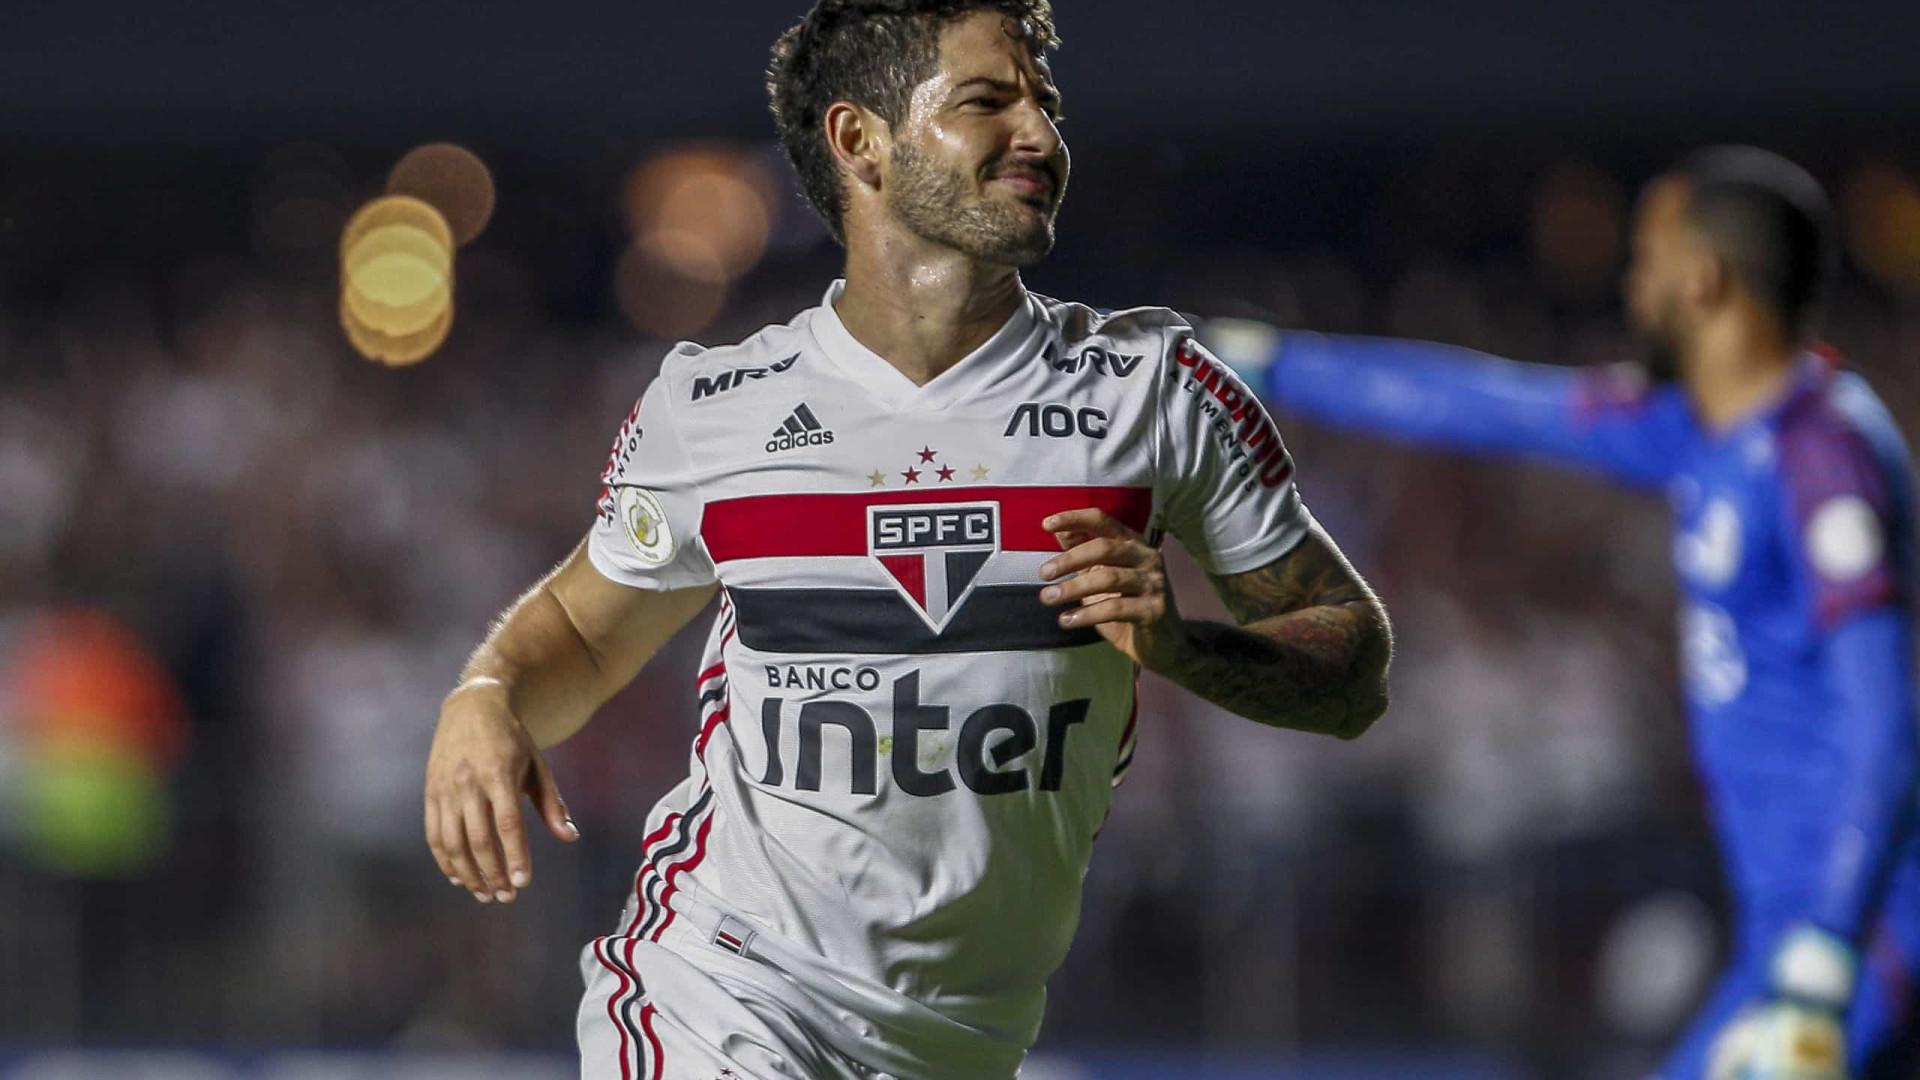 'É preciso resiliência', diz Pato sobre eliminação no Paulista